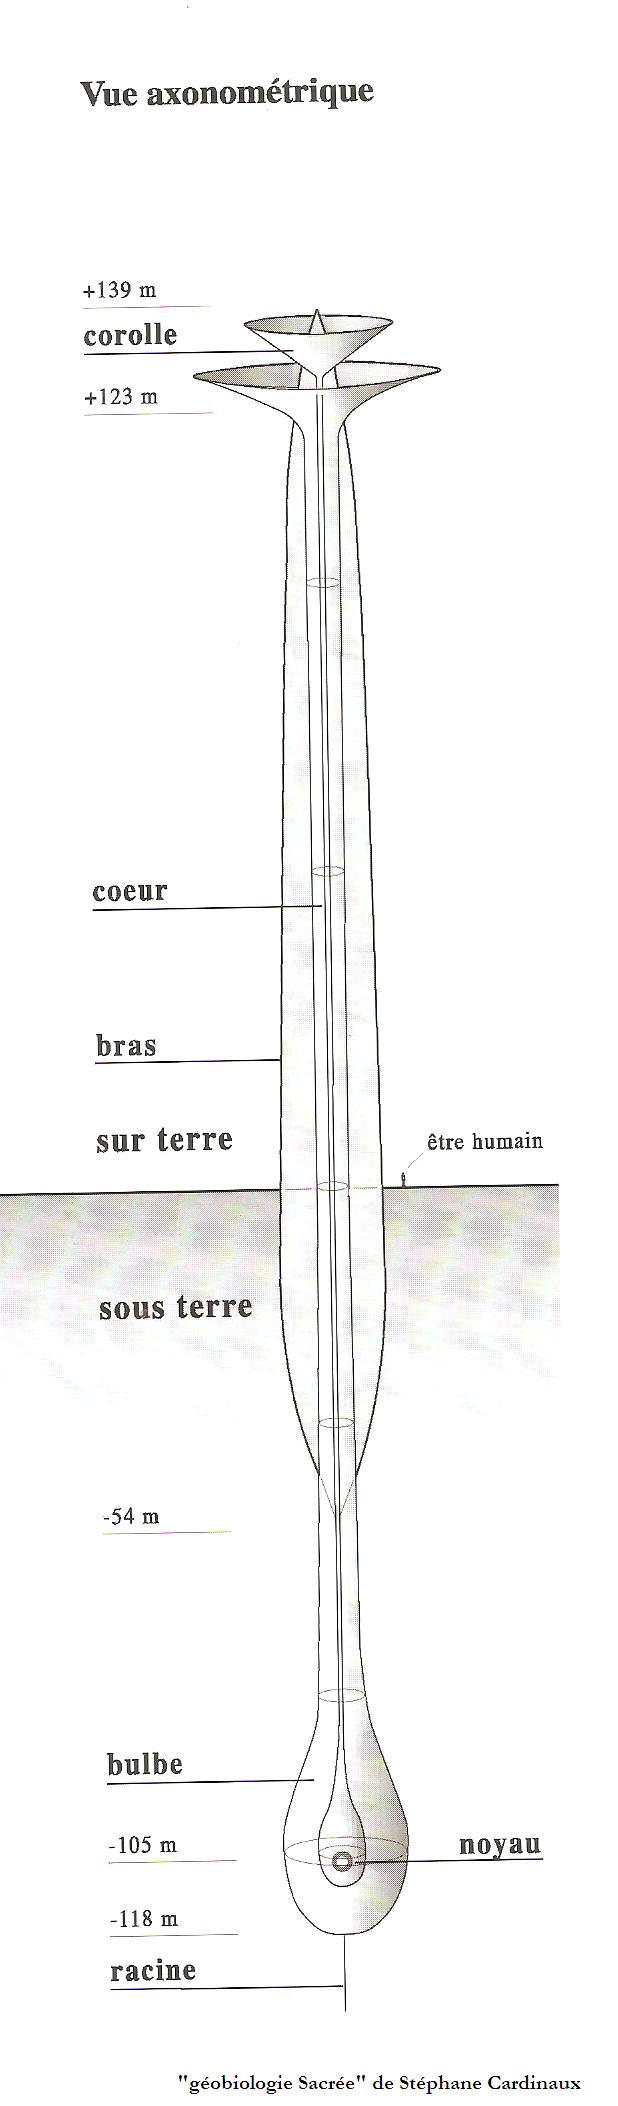 Les cheminées cosmo-telluriques sont des présences qui peuvent apporter un bien-être, une symbiose et une compréhension de Soi par l'interaction de chacune de vos énergies.